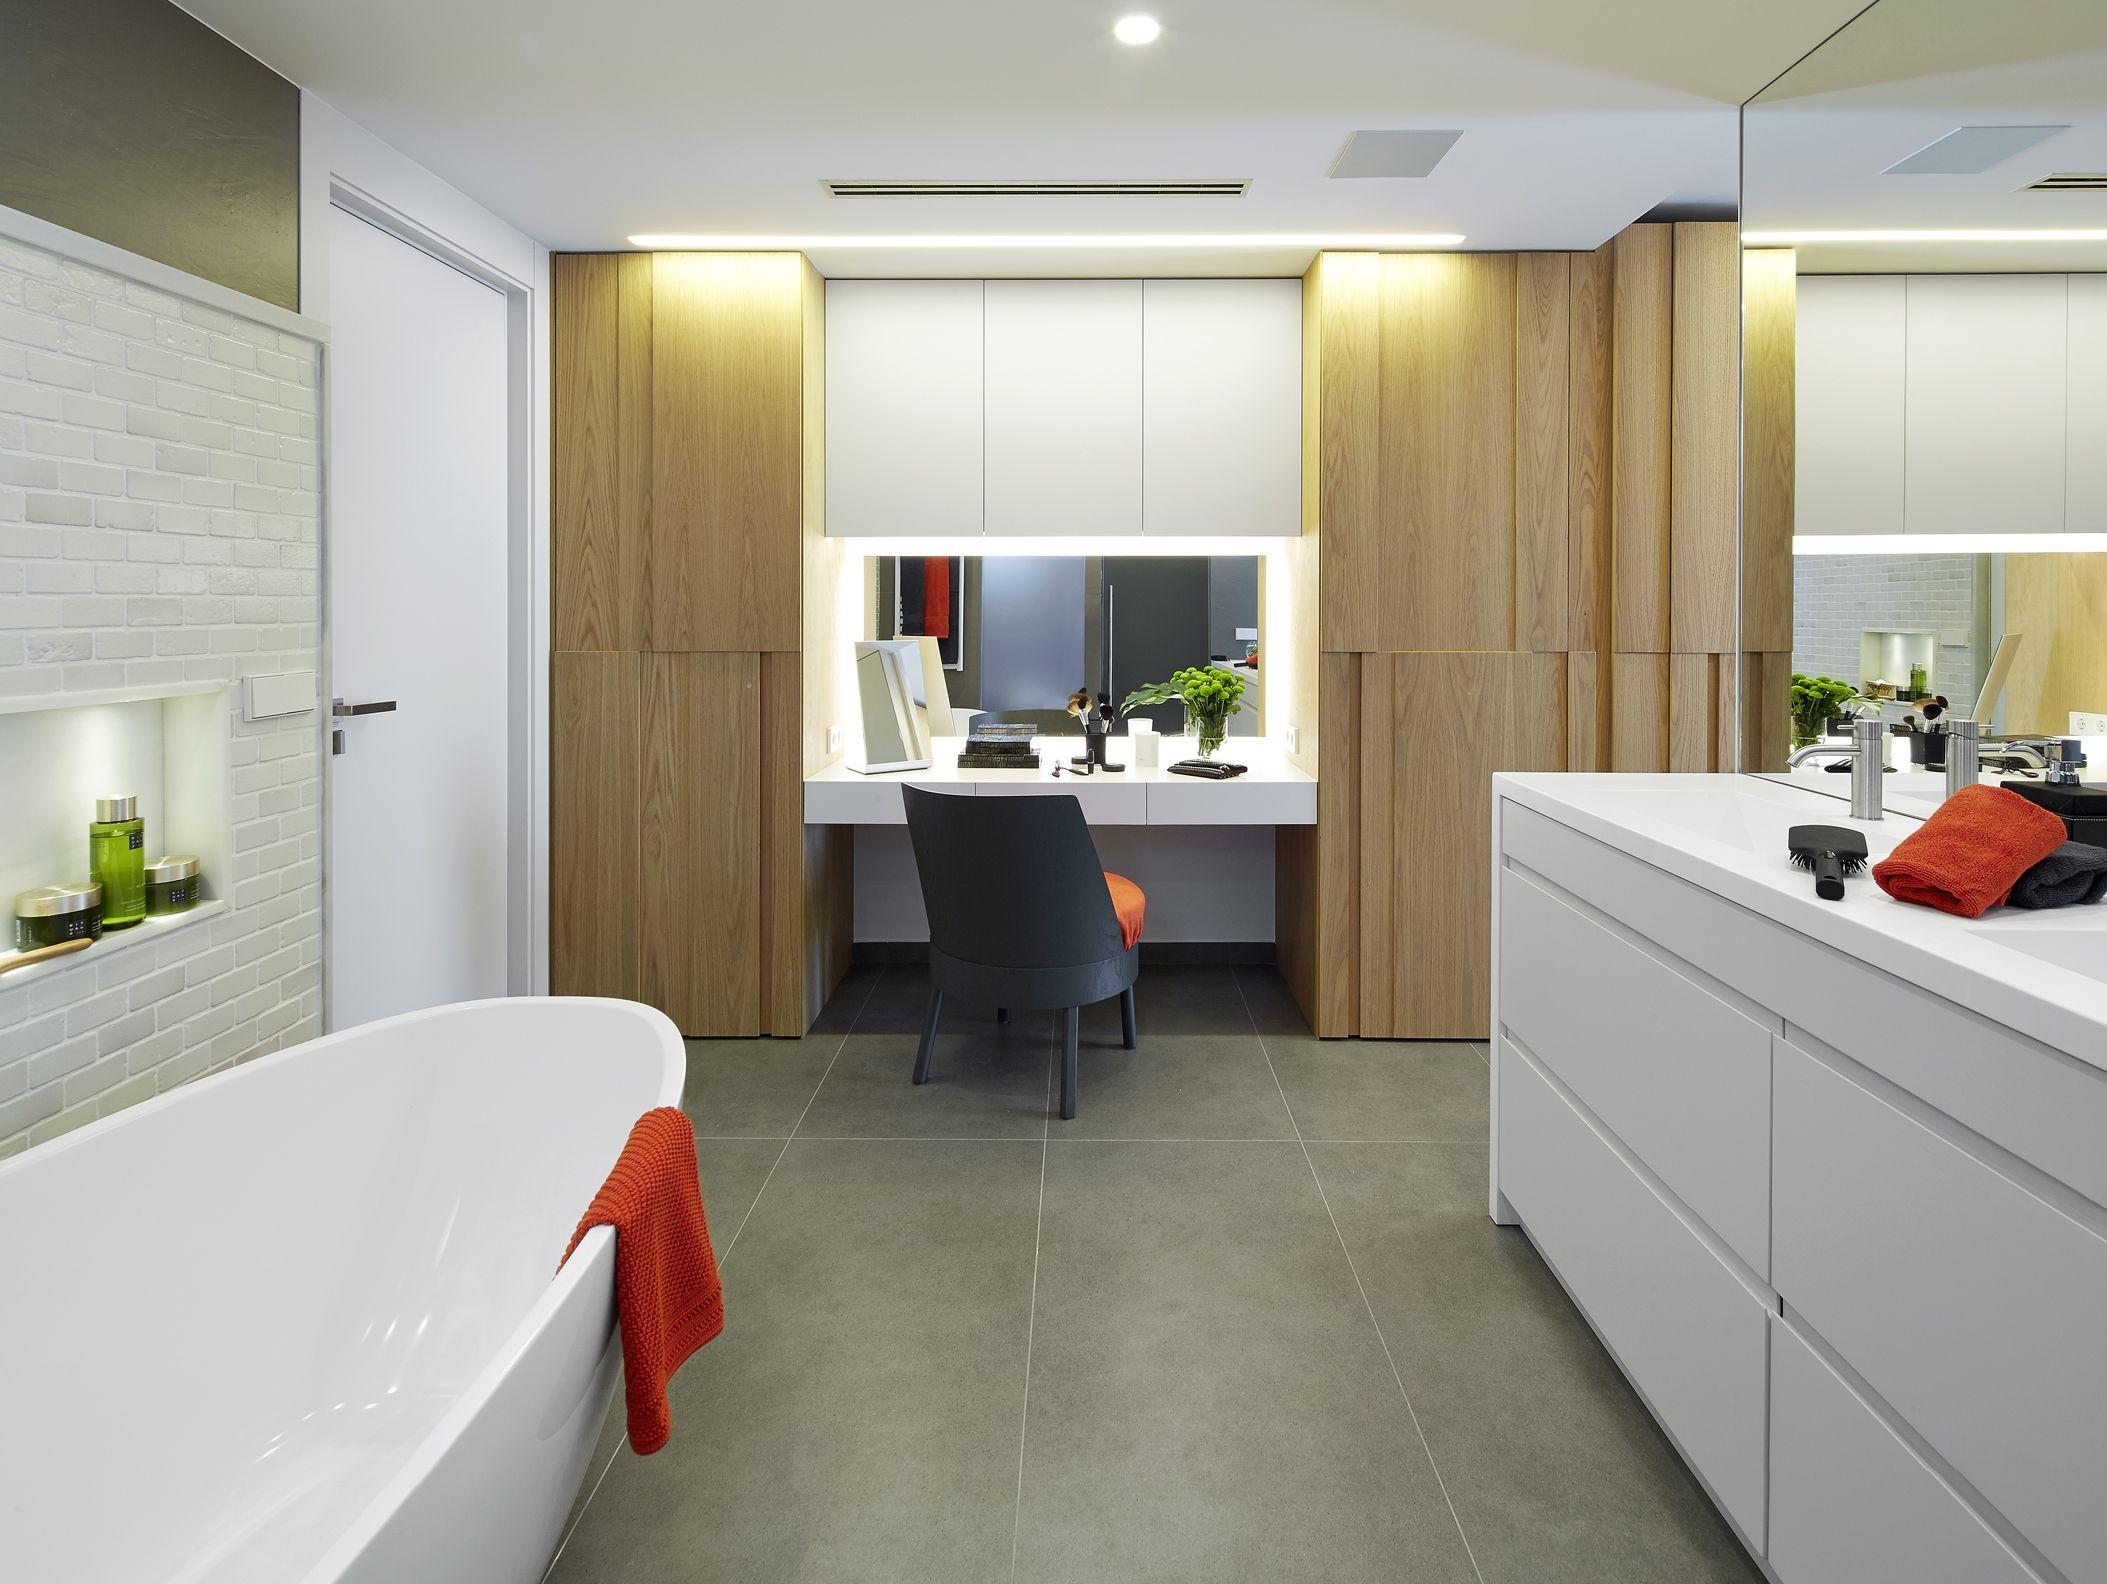 Molinsdesign arquitectura de interiores para for Master en arquitectura de interiores